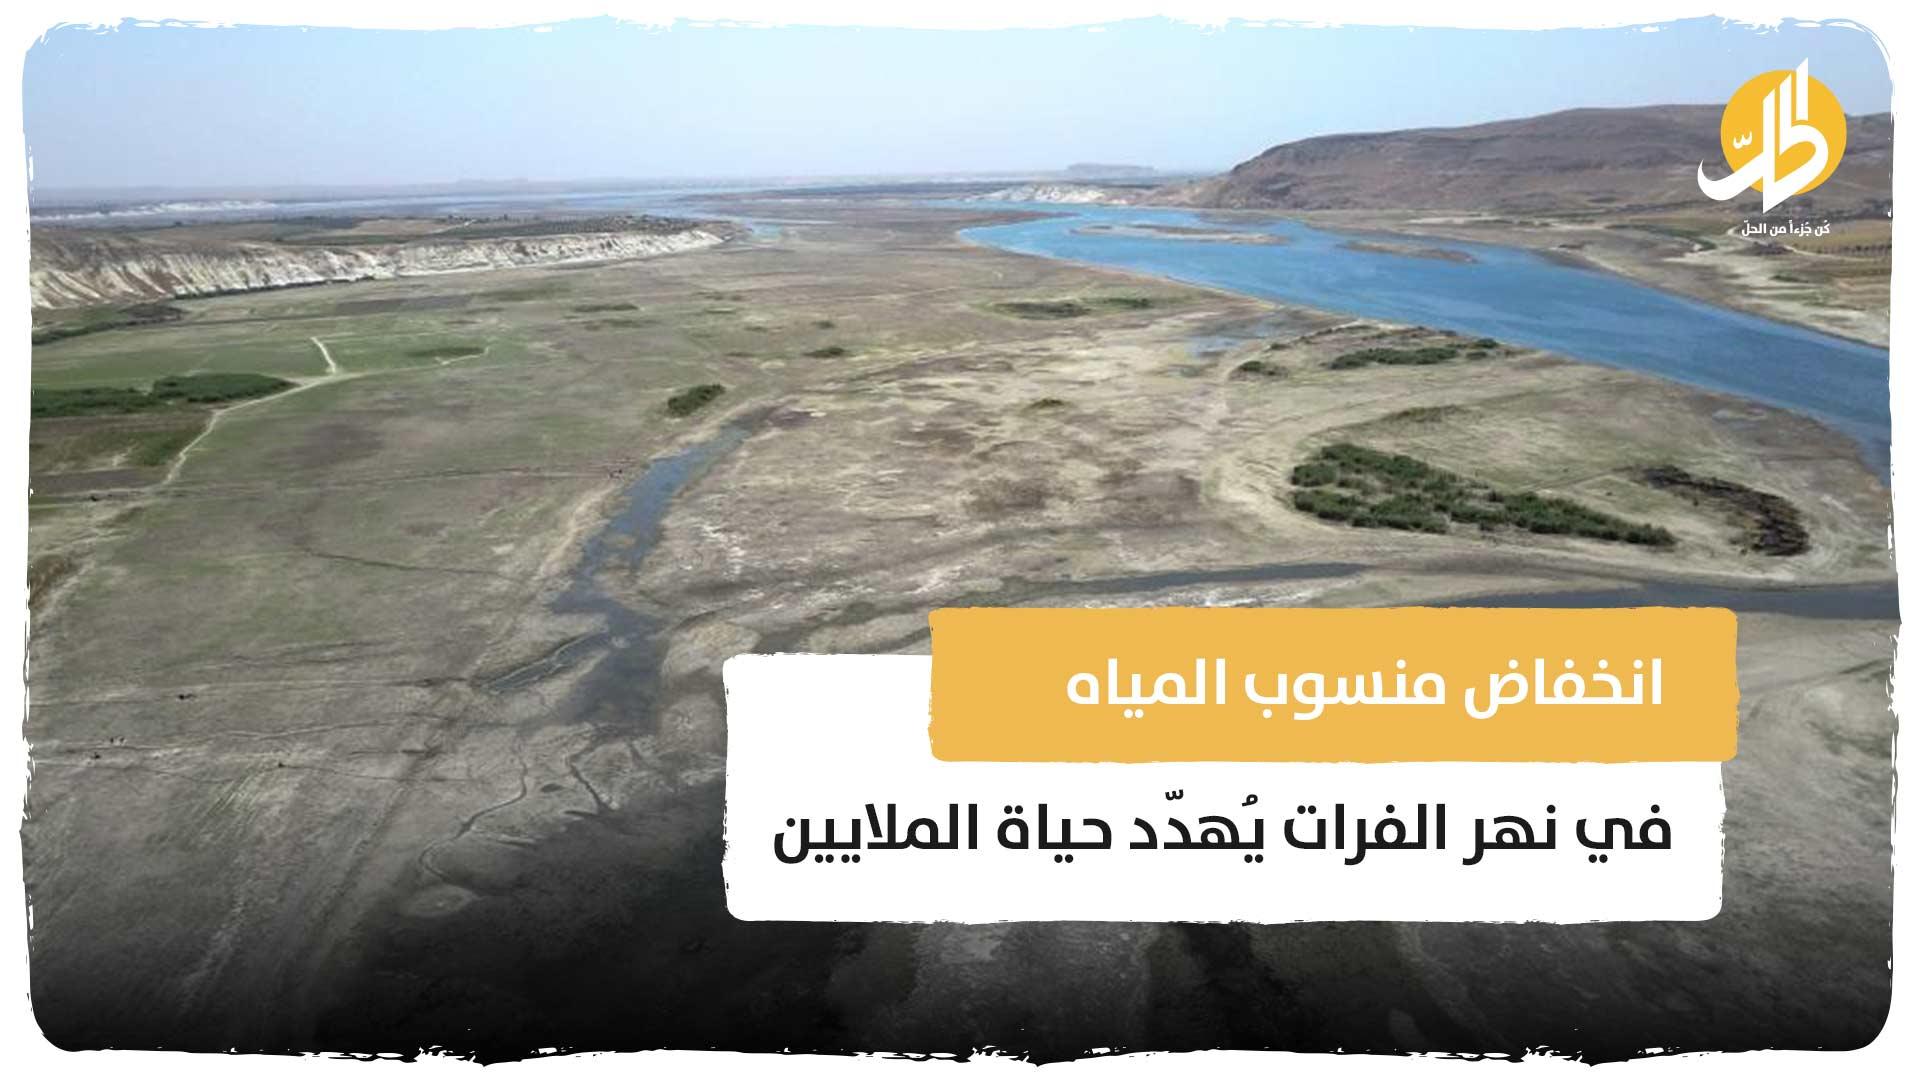 انخفاض منسوب المياه في نهر الفرات .. يُهدّد حياة الملايين